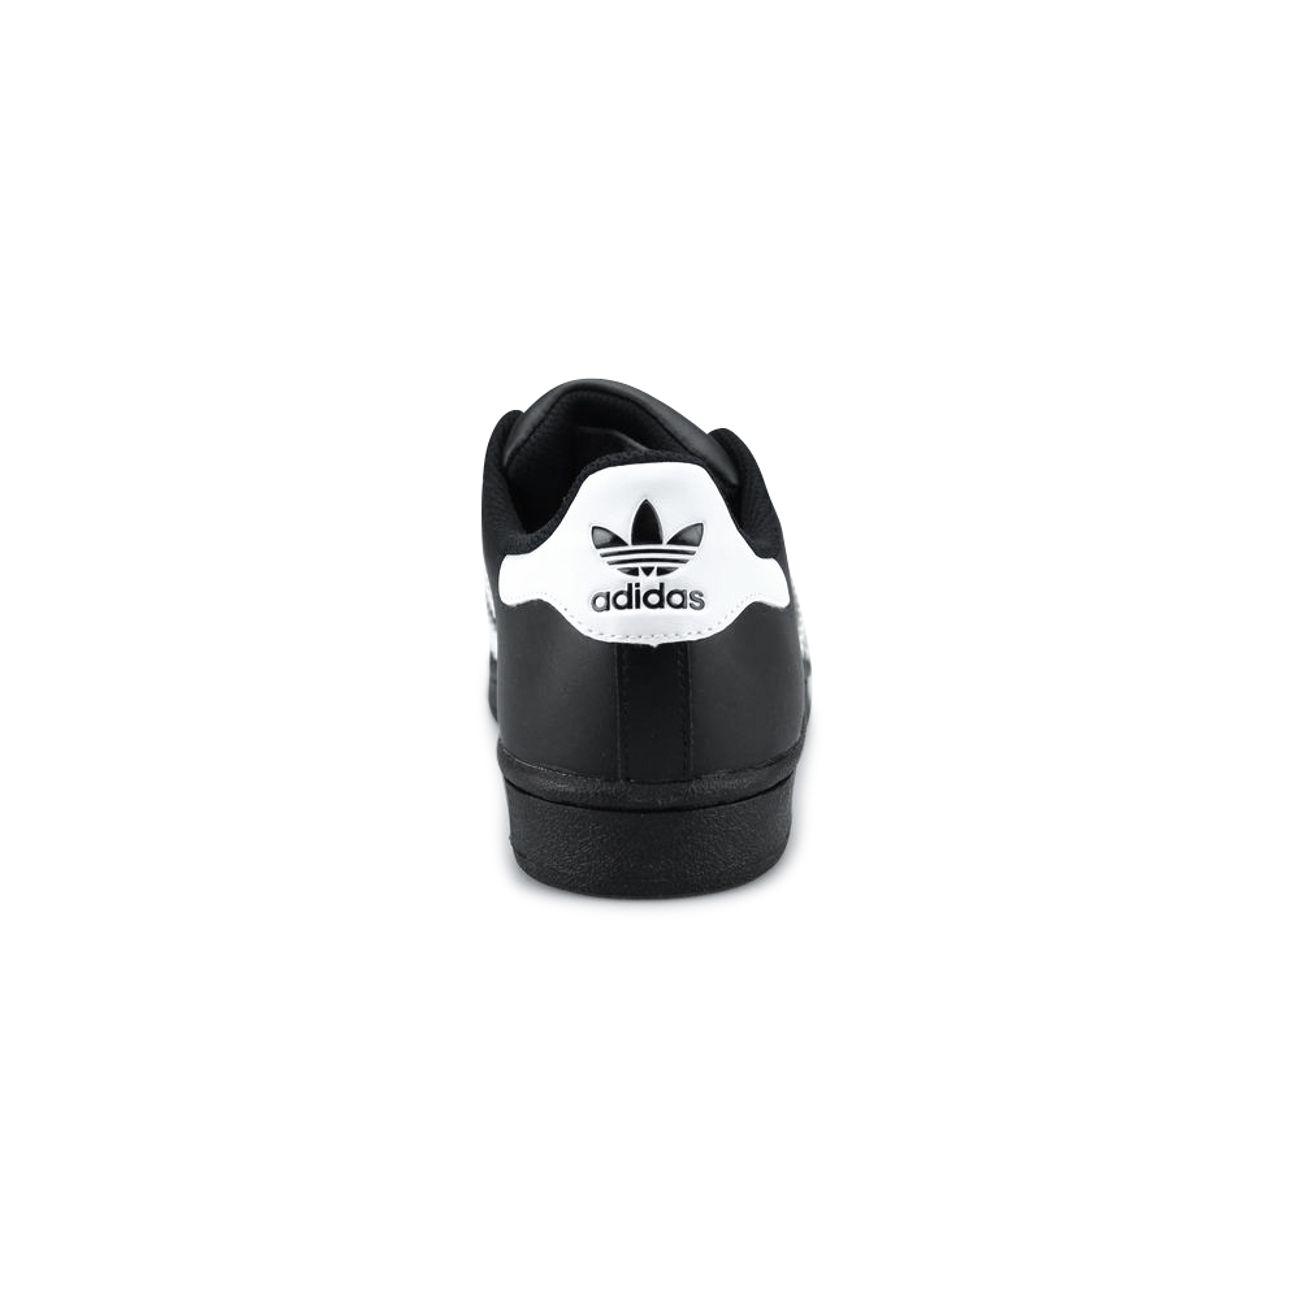 Mode- Lifestyle femme ADIDAS ORIGINALS Basket adidas Originals Superstar - B23642